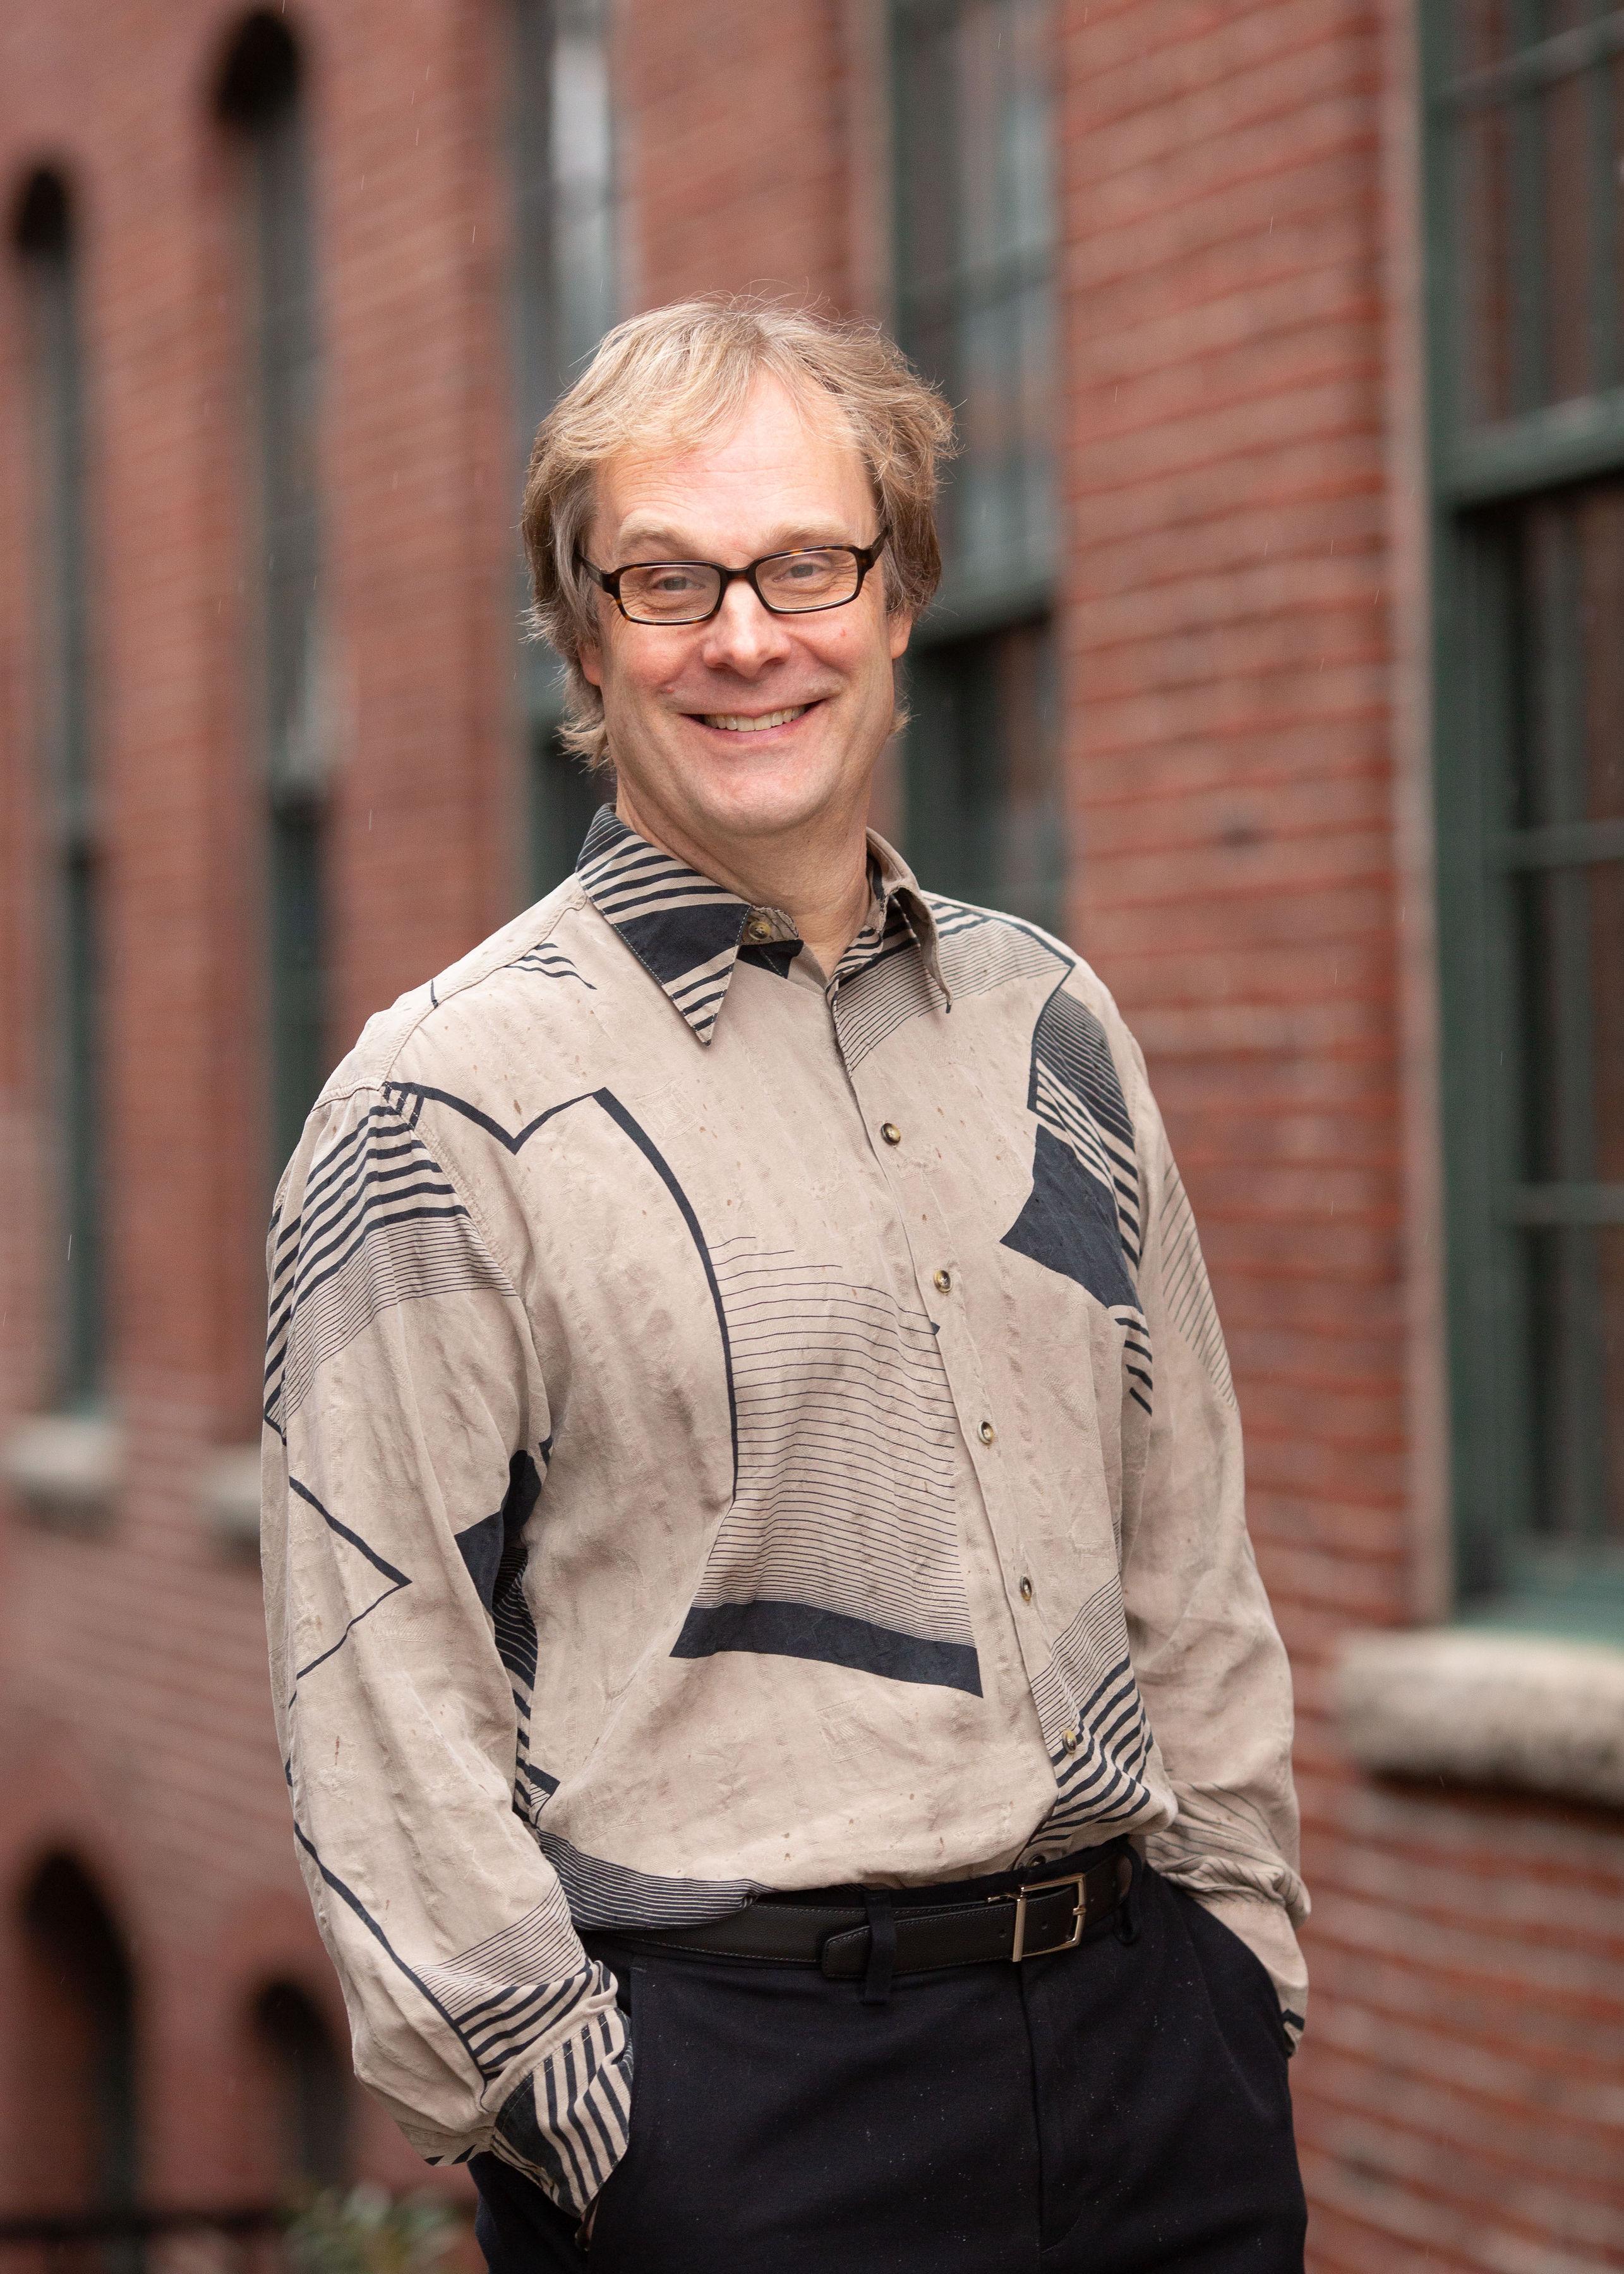 Tom Schnauber